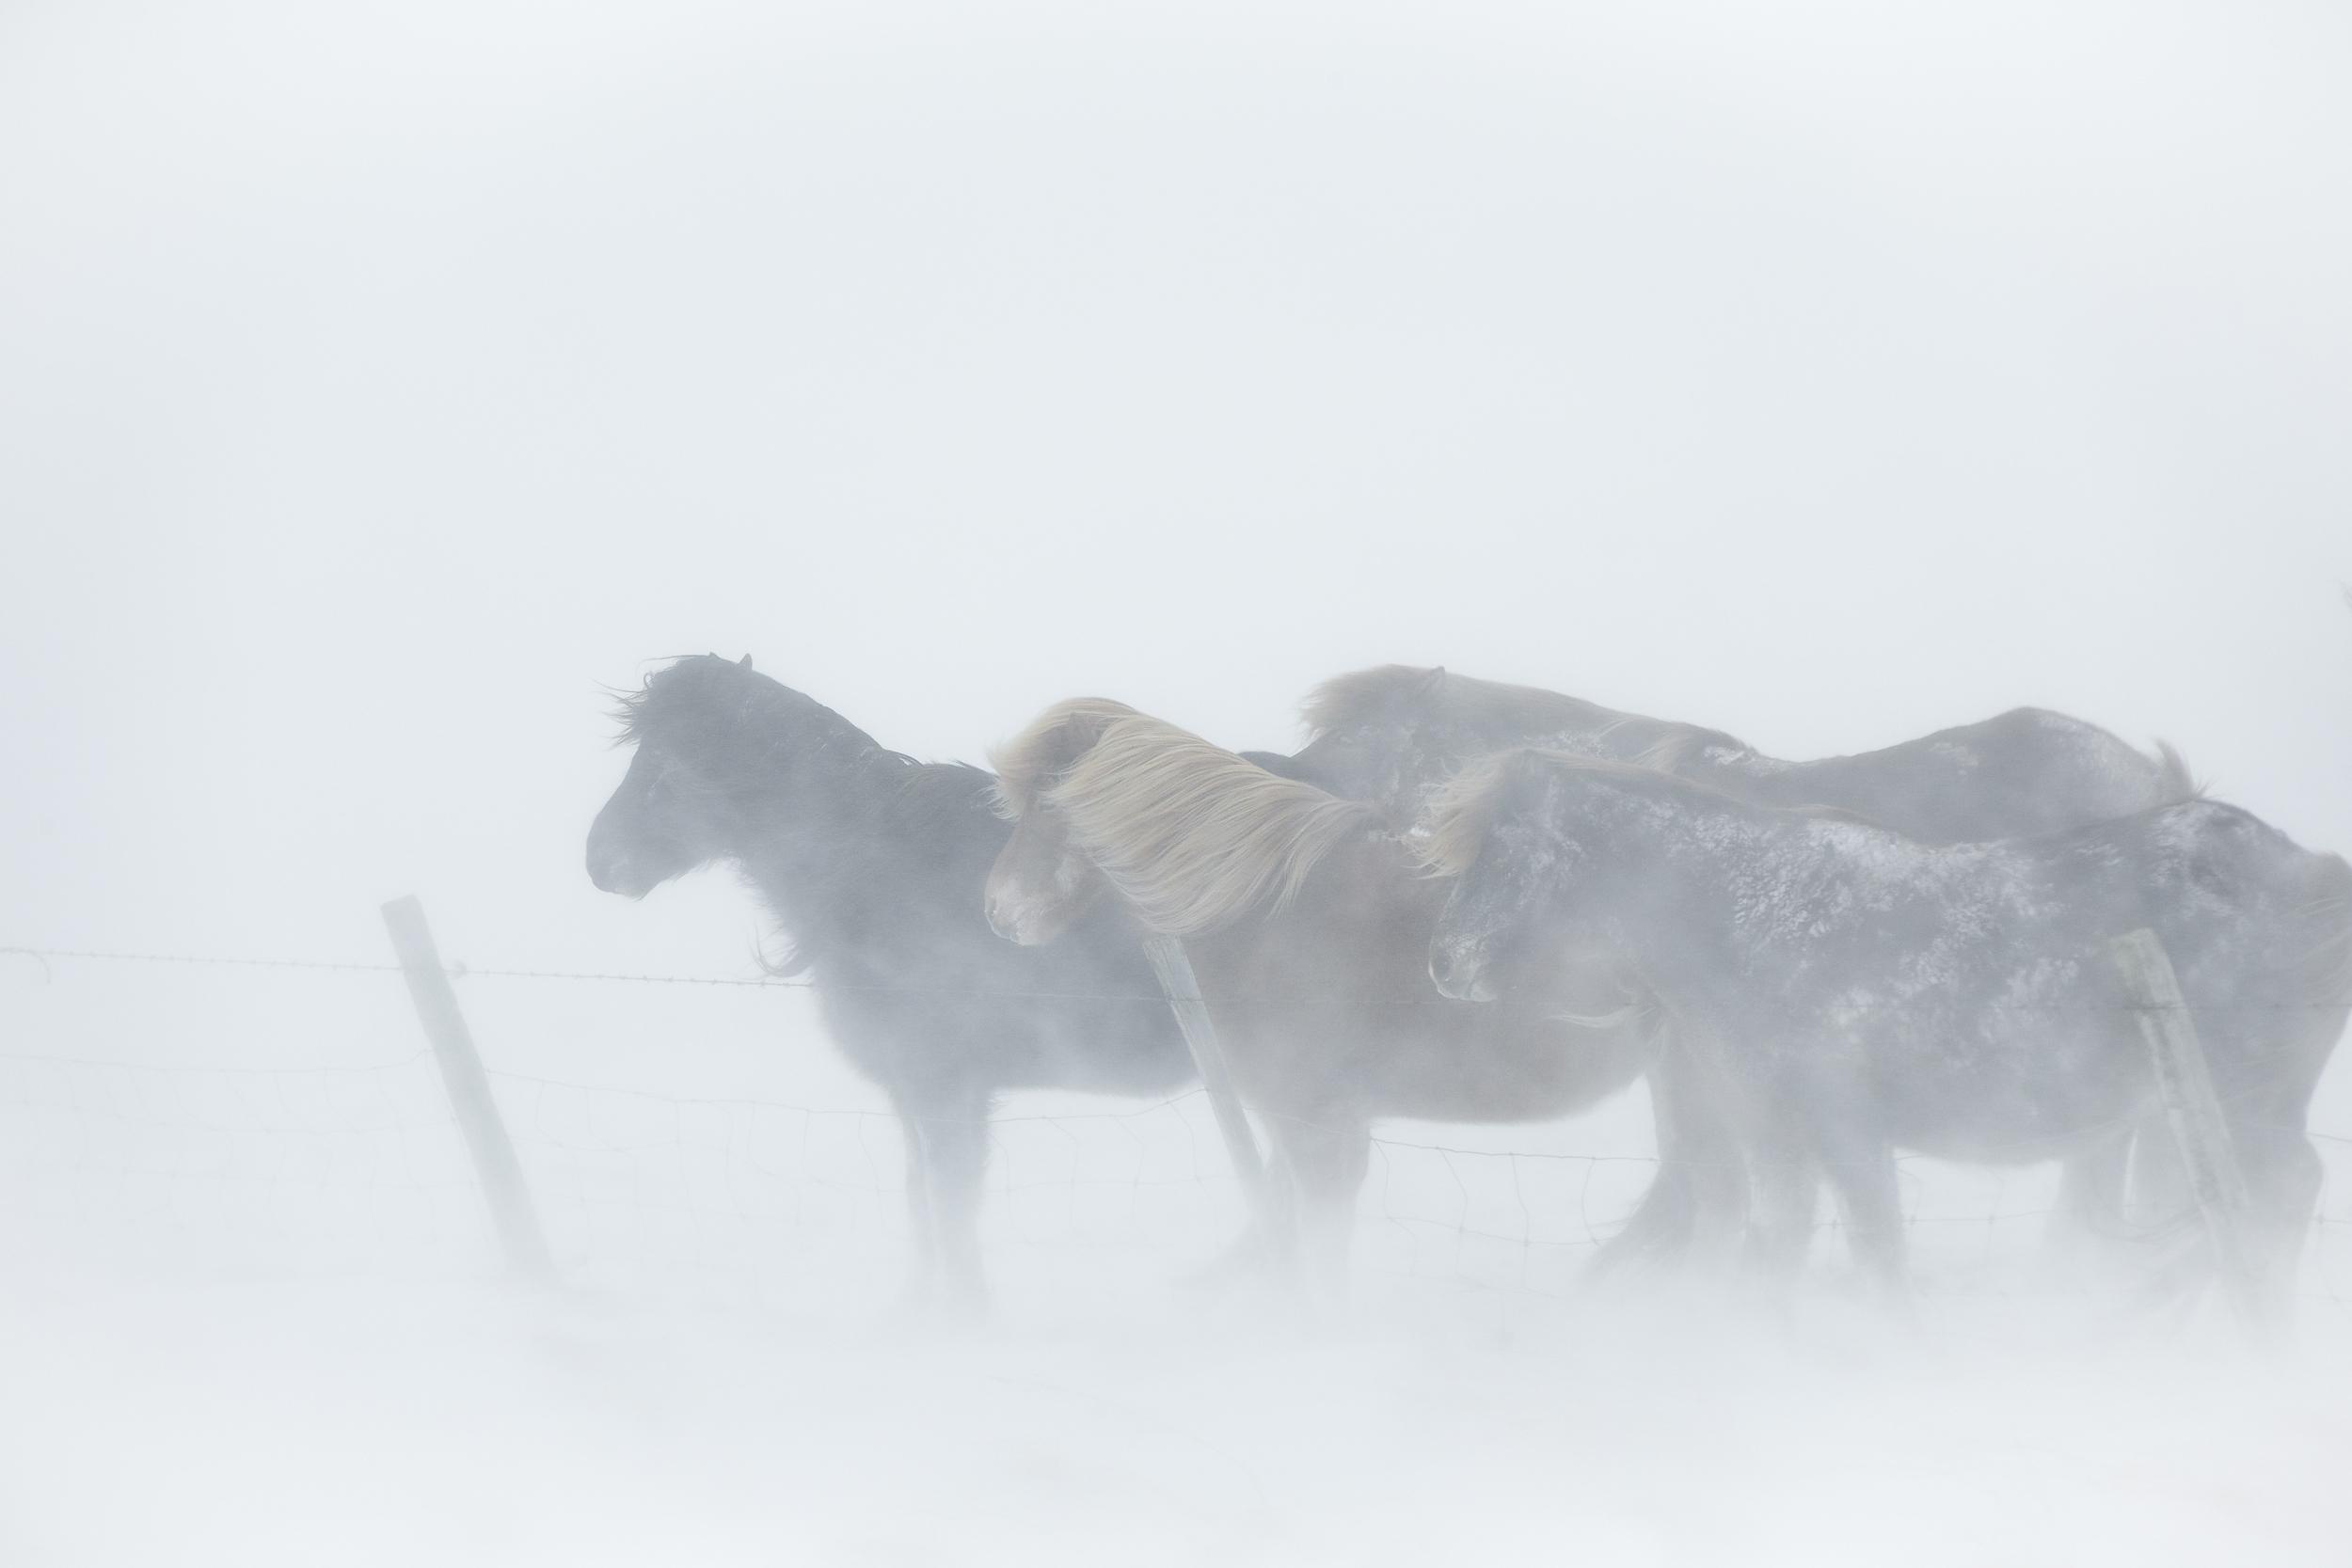 Ice_Horse_026